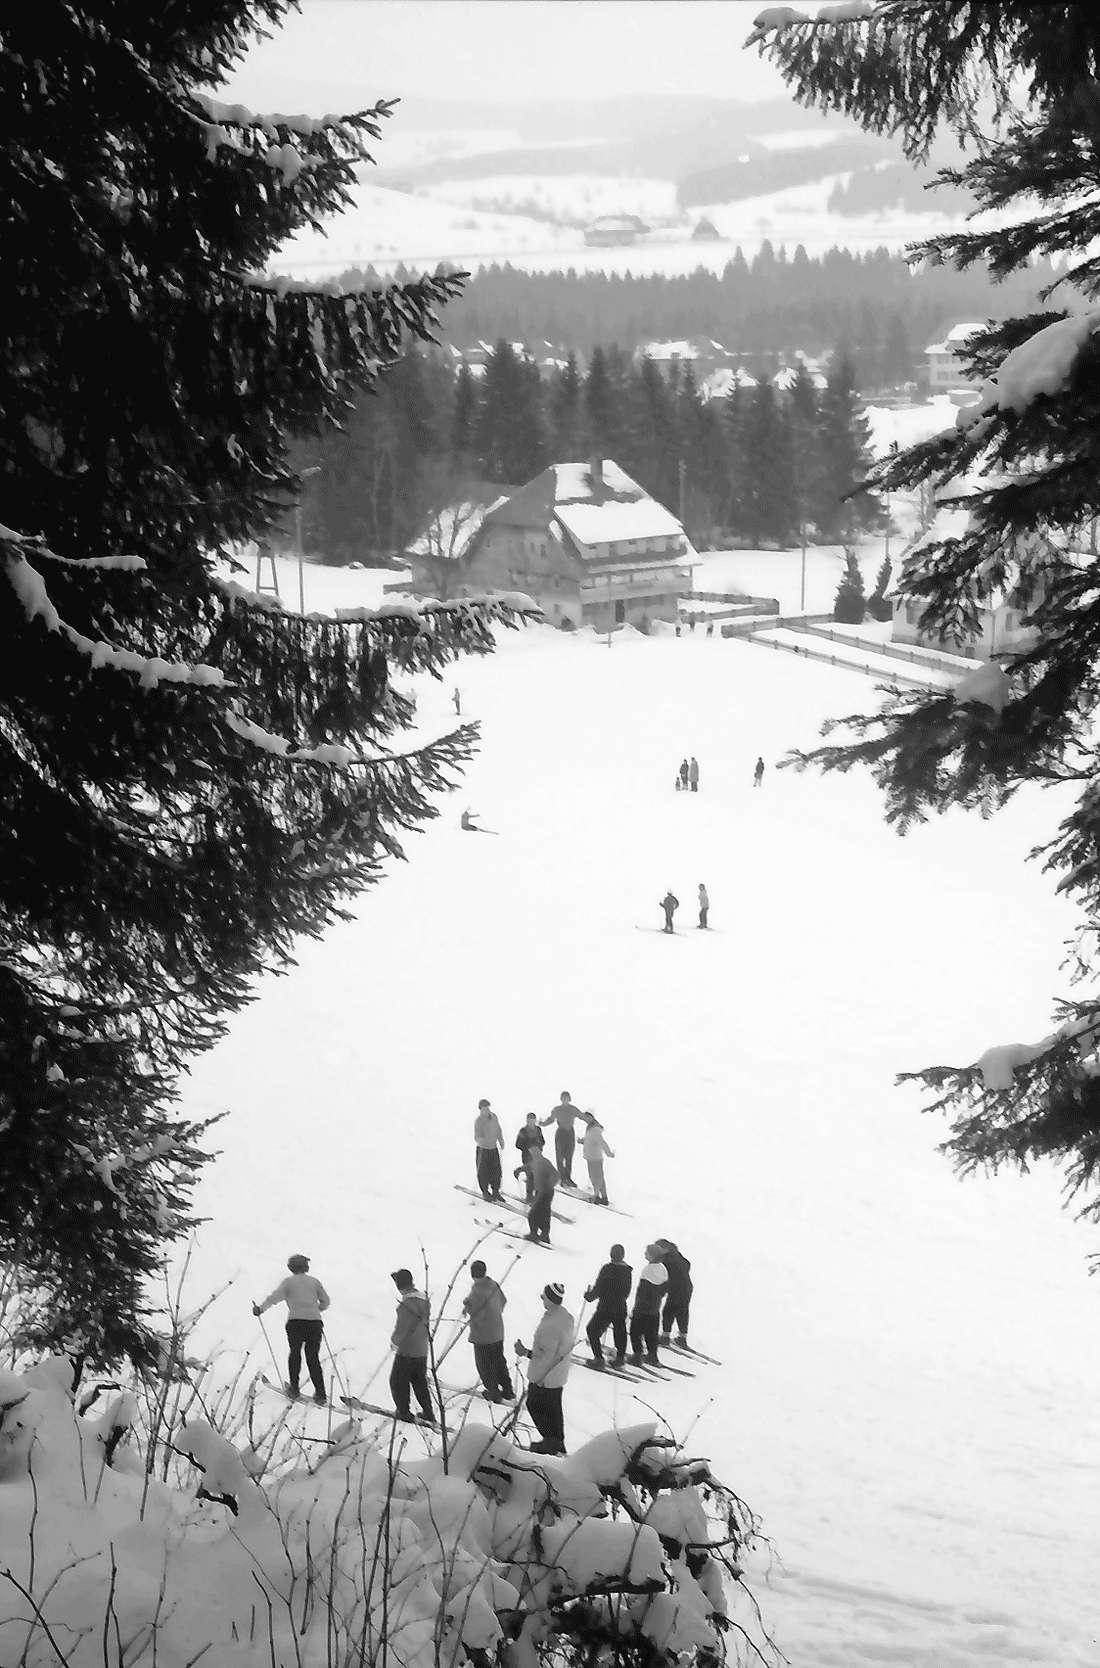 Hinterzarten: Skikurs; mit Blick auf den Ort, Bild 2